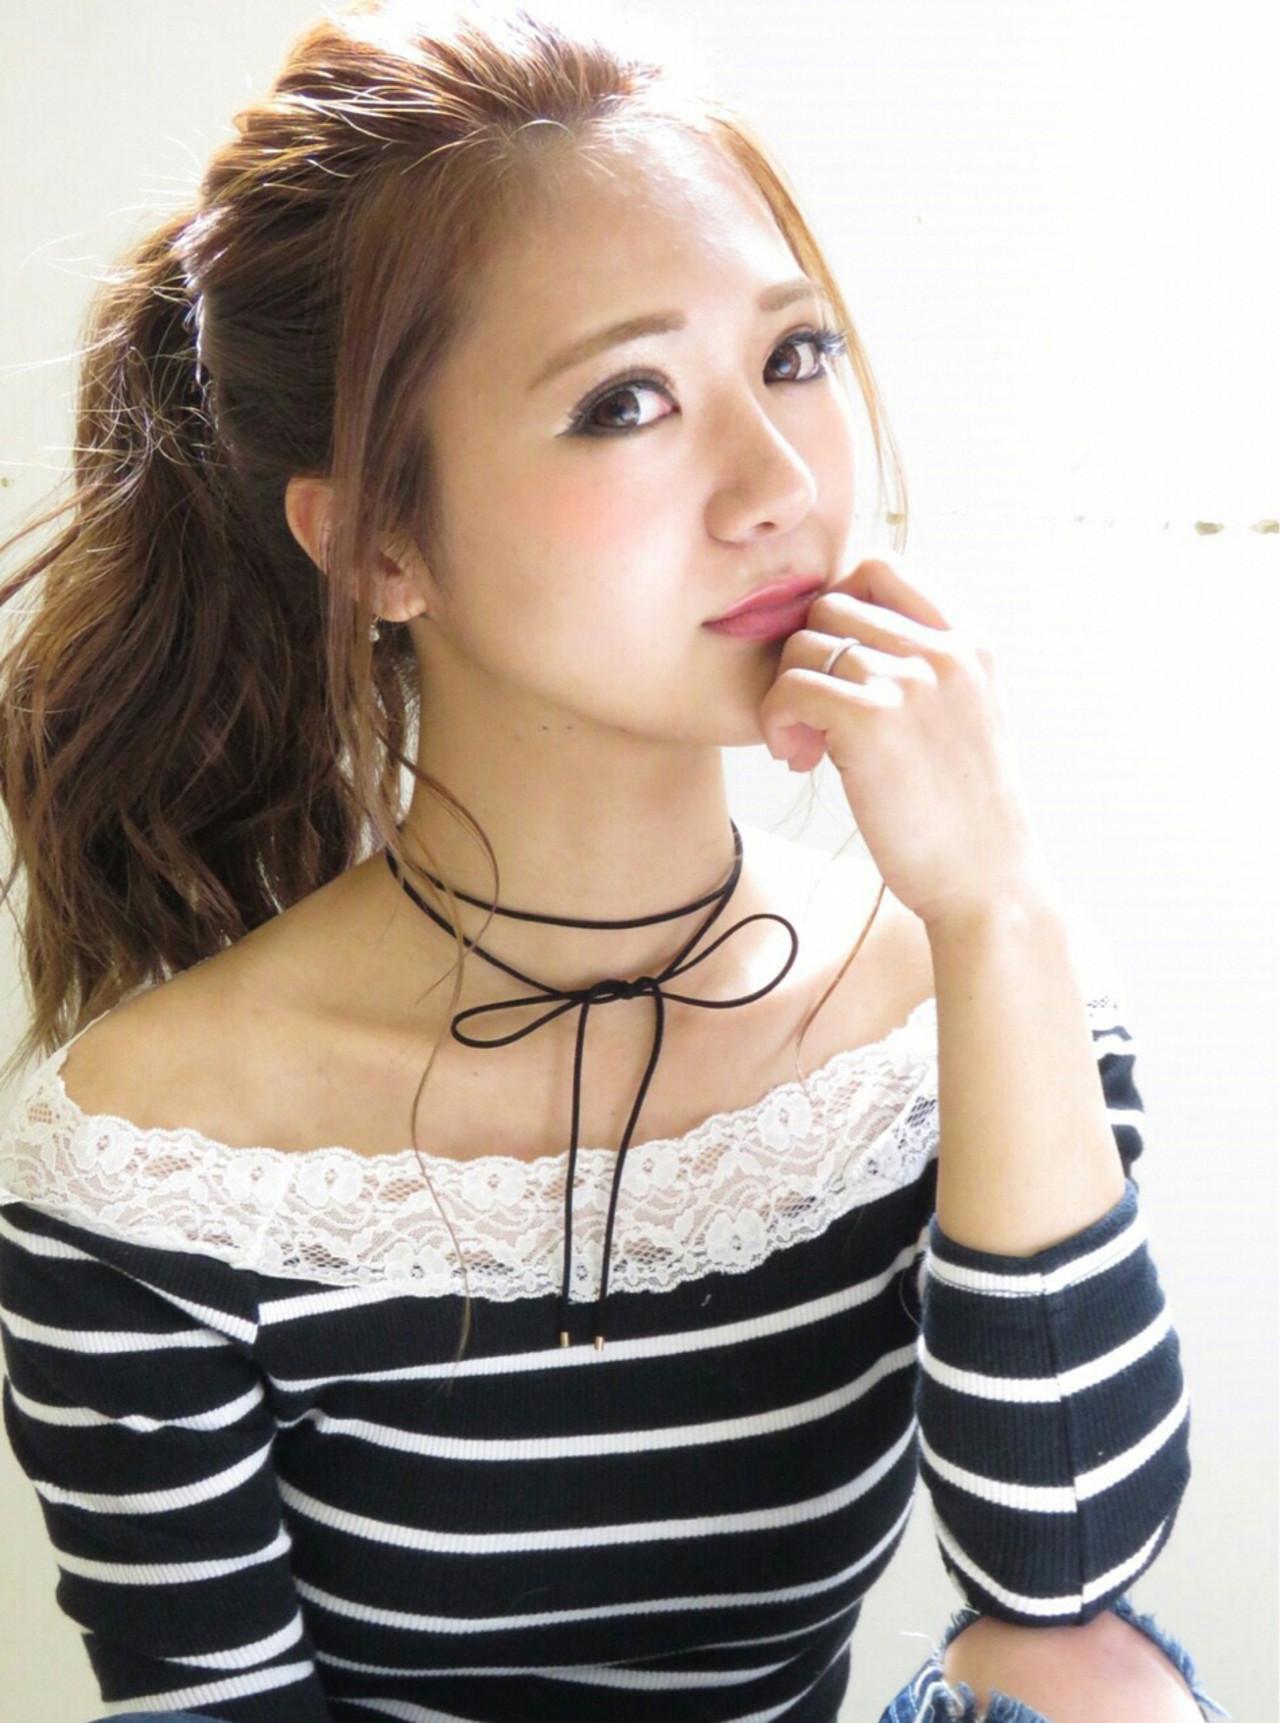 ガーリー ヘアアレンジ ポニーテール デート ヘアスタイルや髪型の写真・画像